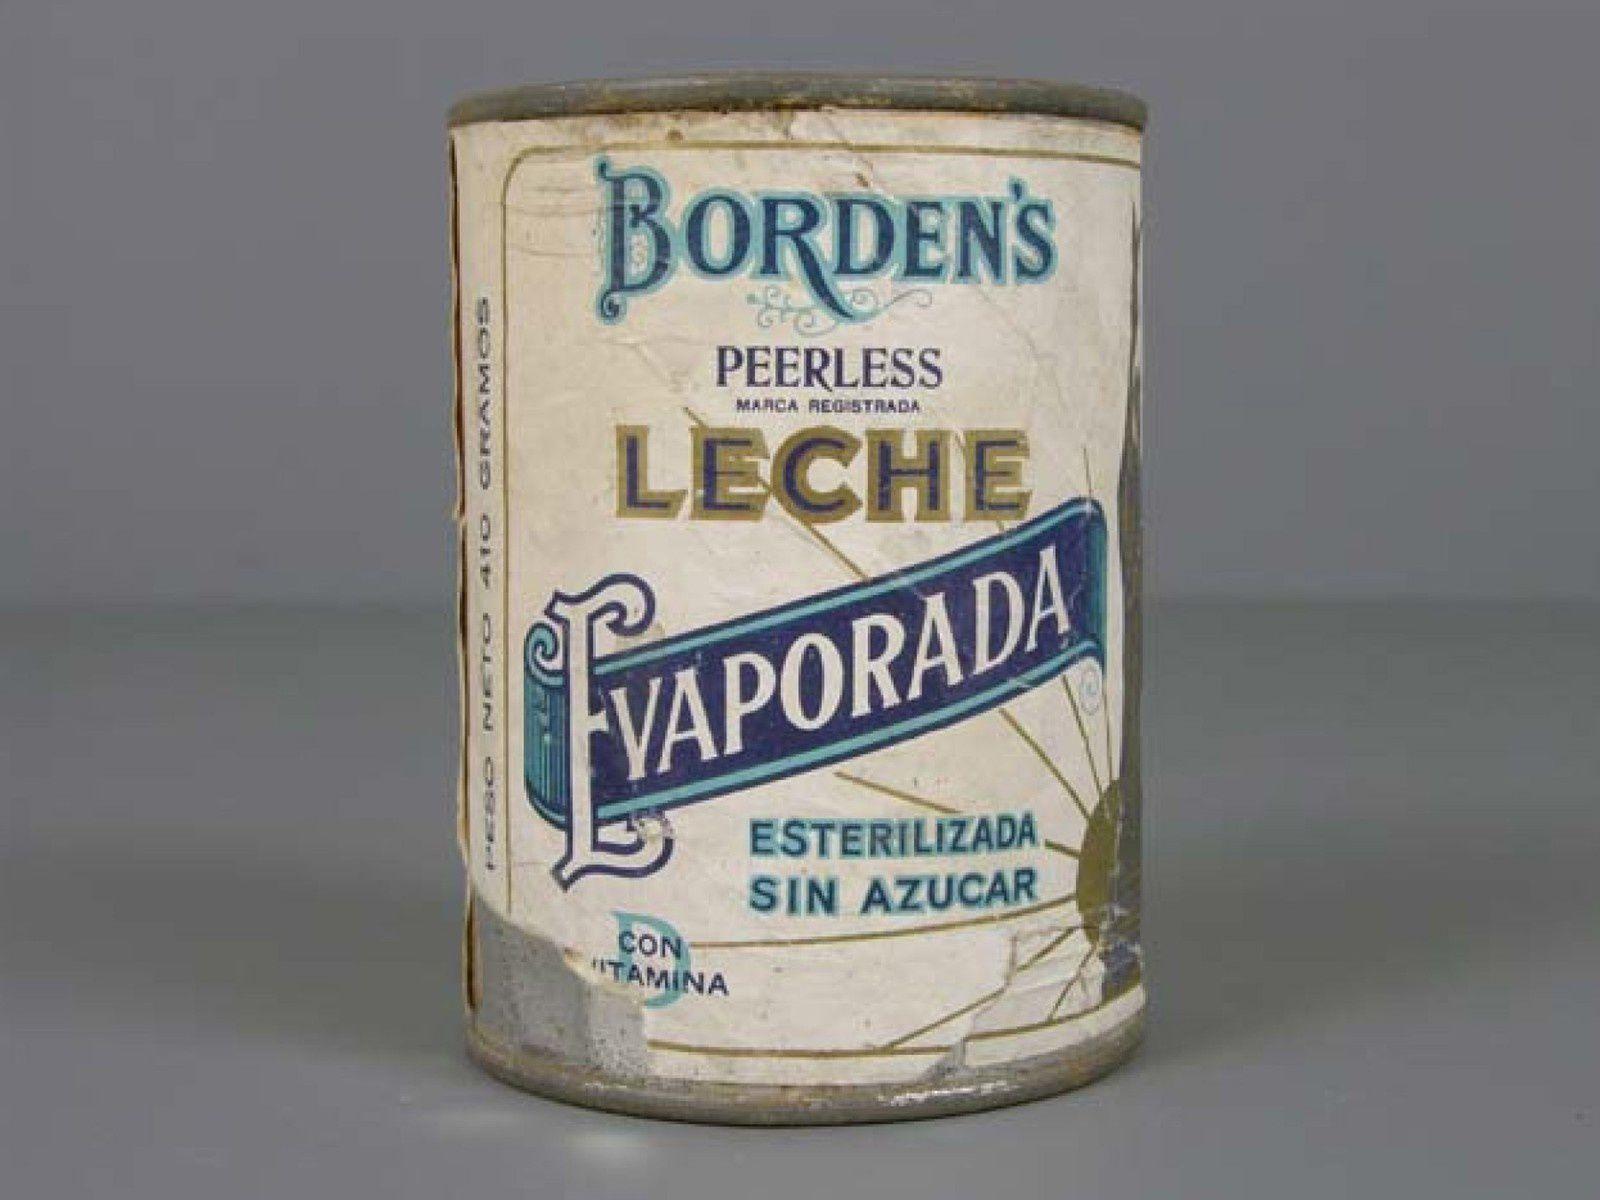 * Je ne connaissais pas ce produit auparavant. A mon avis, si vous utilisez du lait, le résultat est le même...